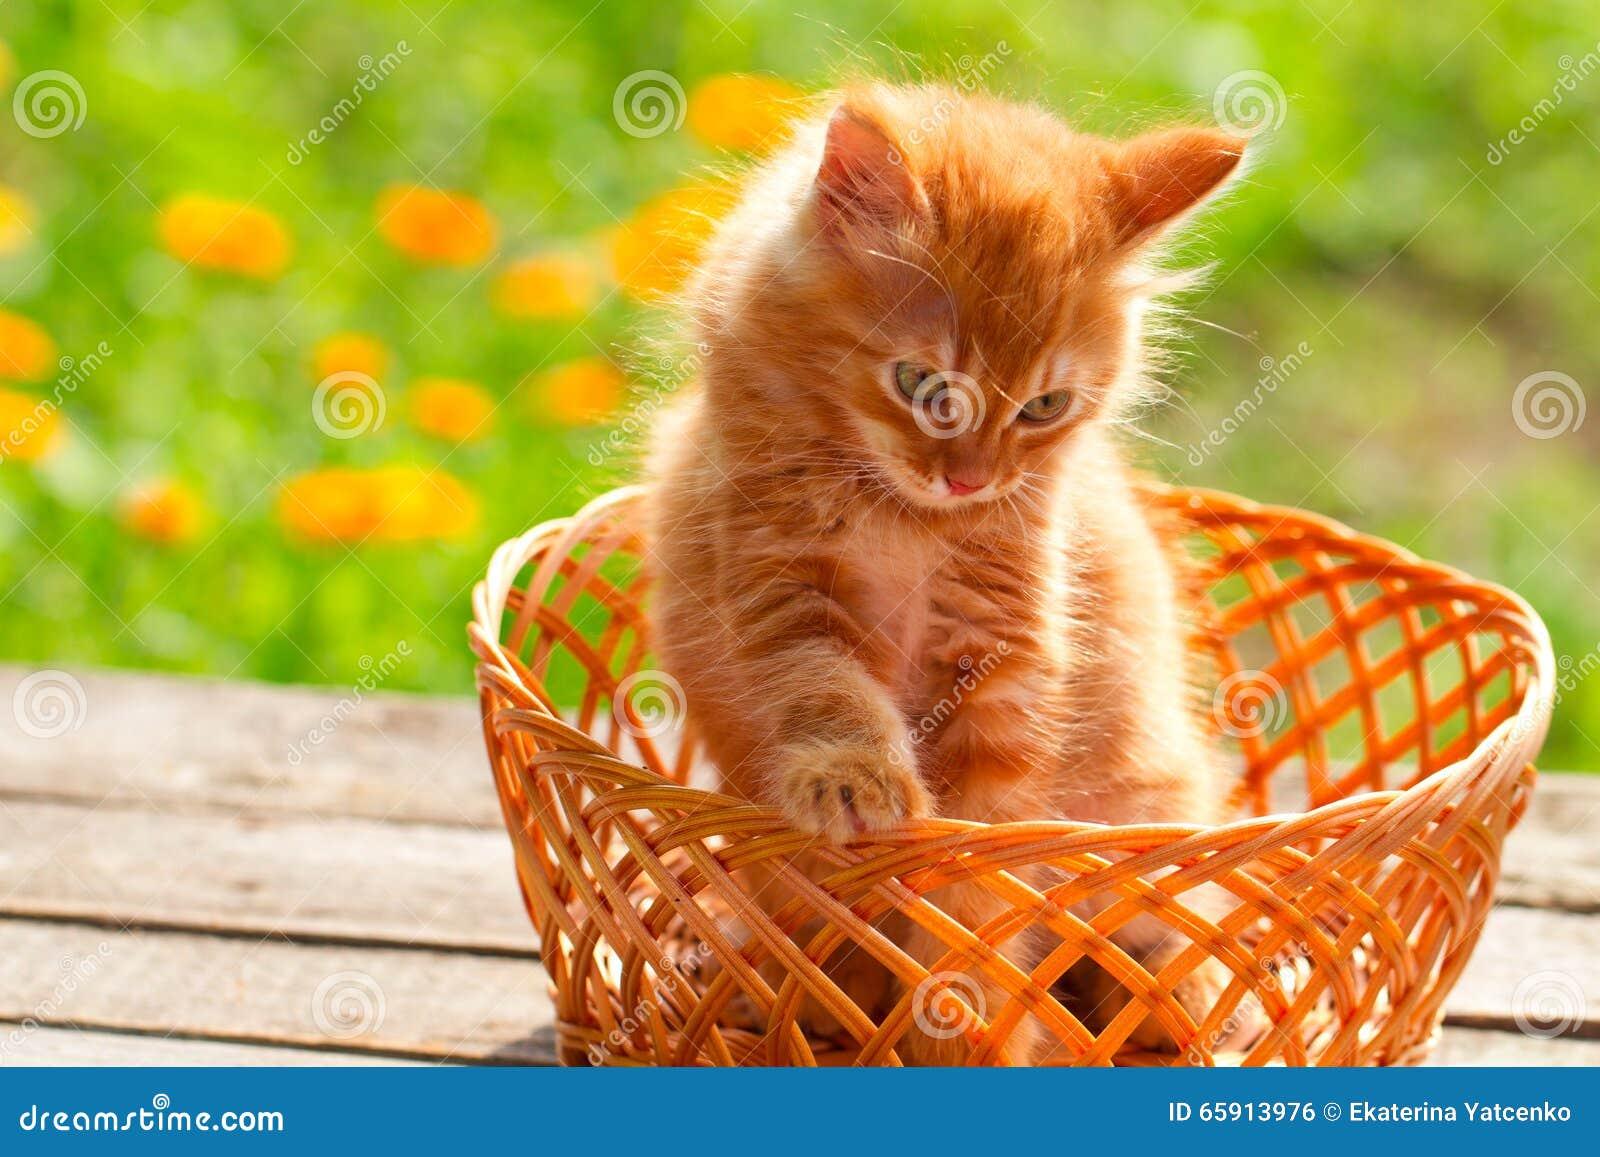 kleine rote katze in einem weidenkorb auf gr nem hintergrund drau en stockfoto bild von kitten. Black Bedroom Furniture Sets. Home Design Ideas